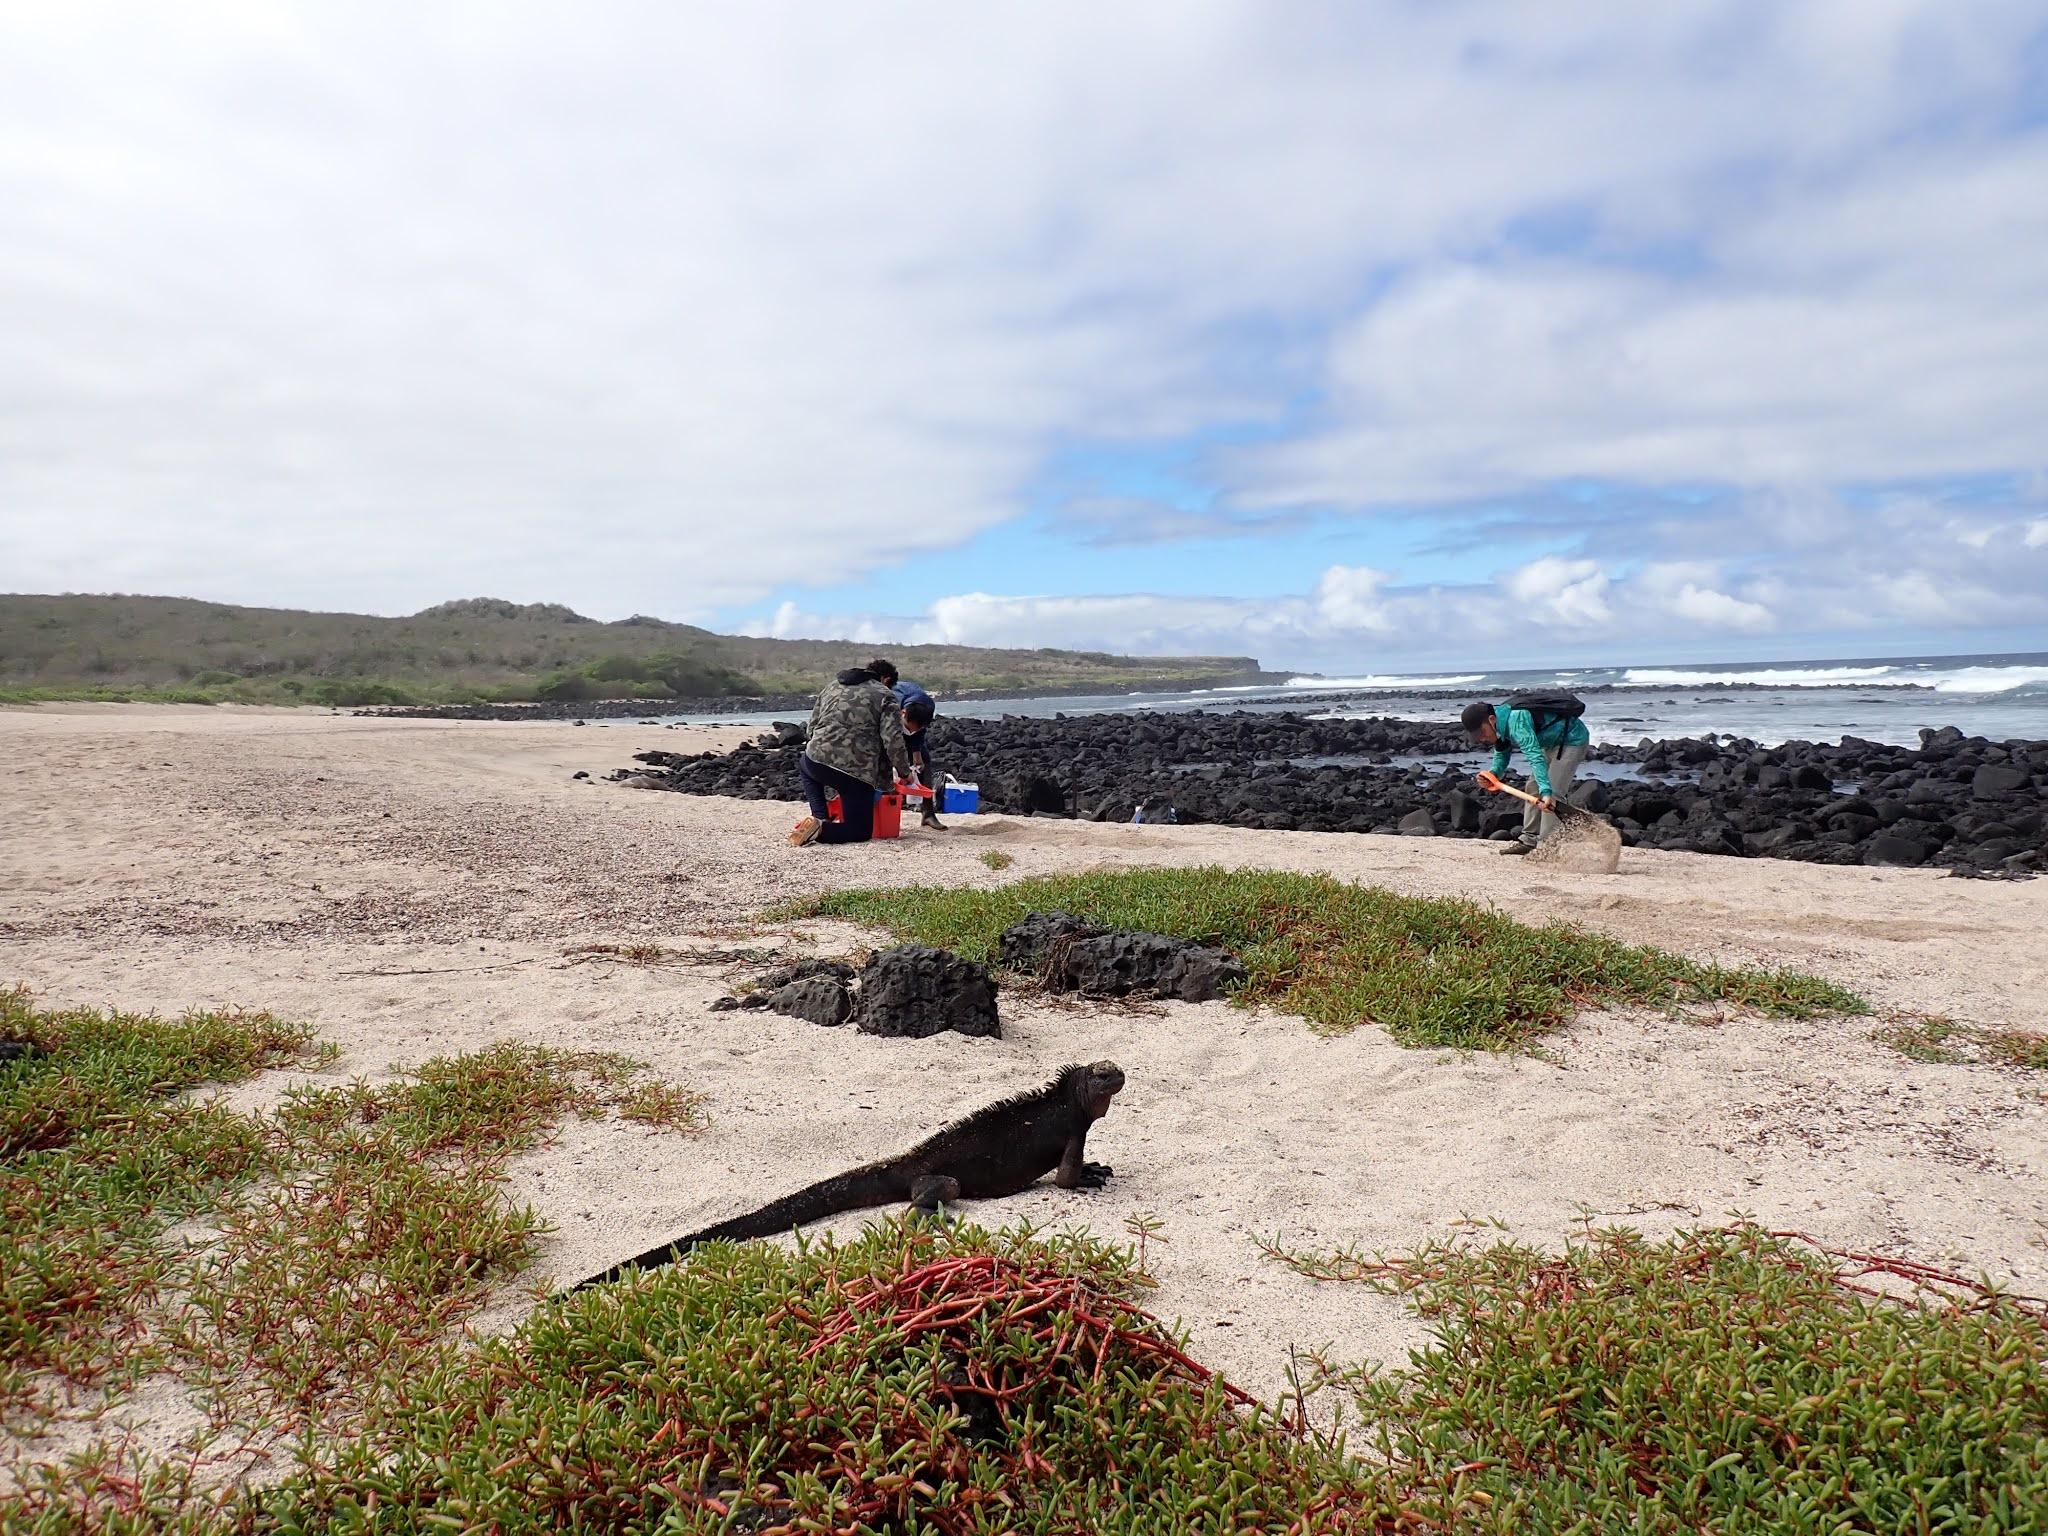 Código Genético de Galápagos; el mayor proyecto de ciencia ciudadana que se desarrolla en el Archipiélago